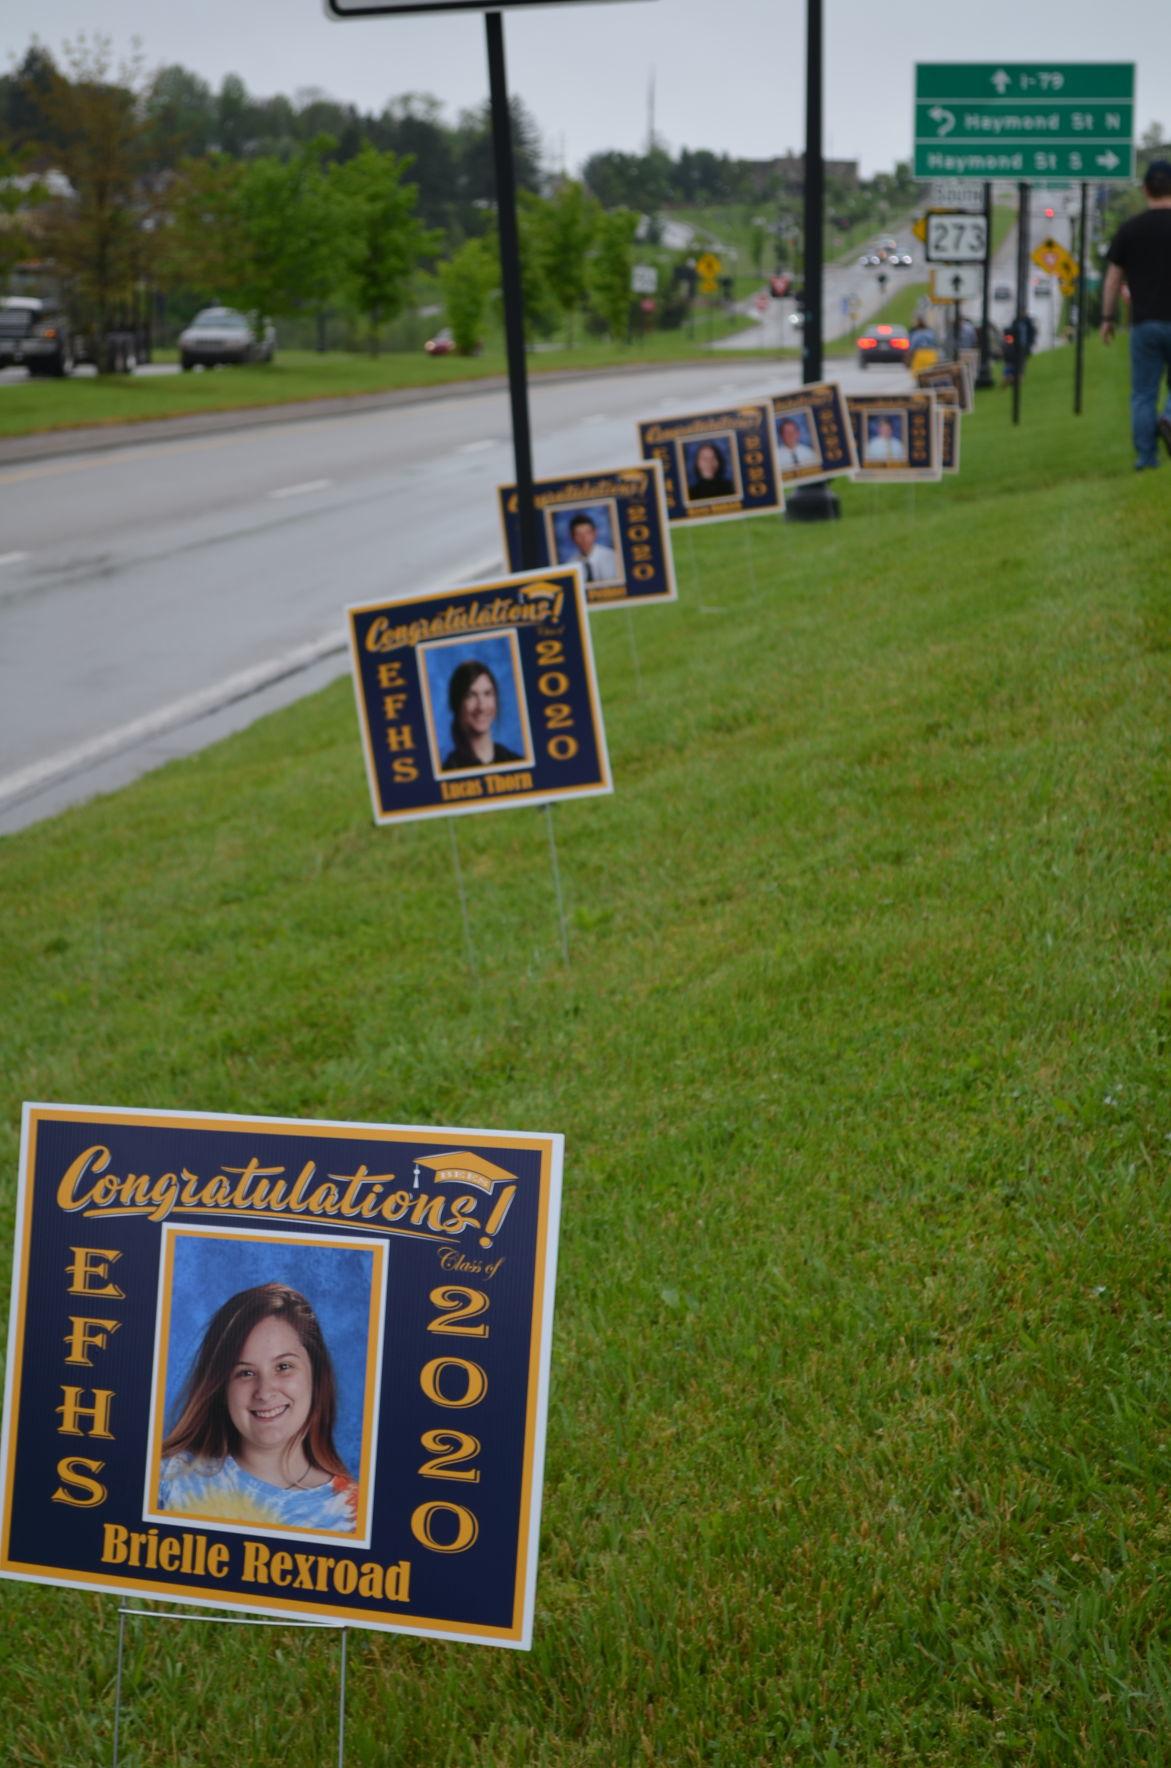 EFHS 2020 graduate signs